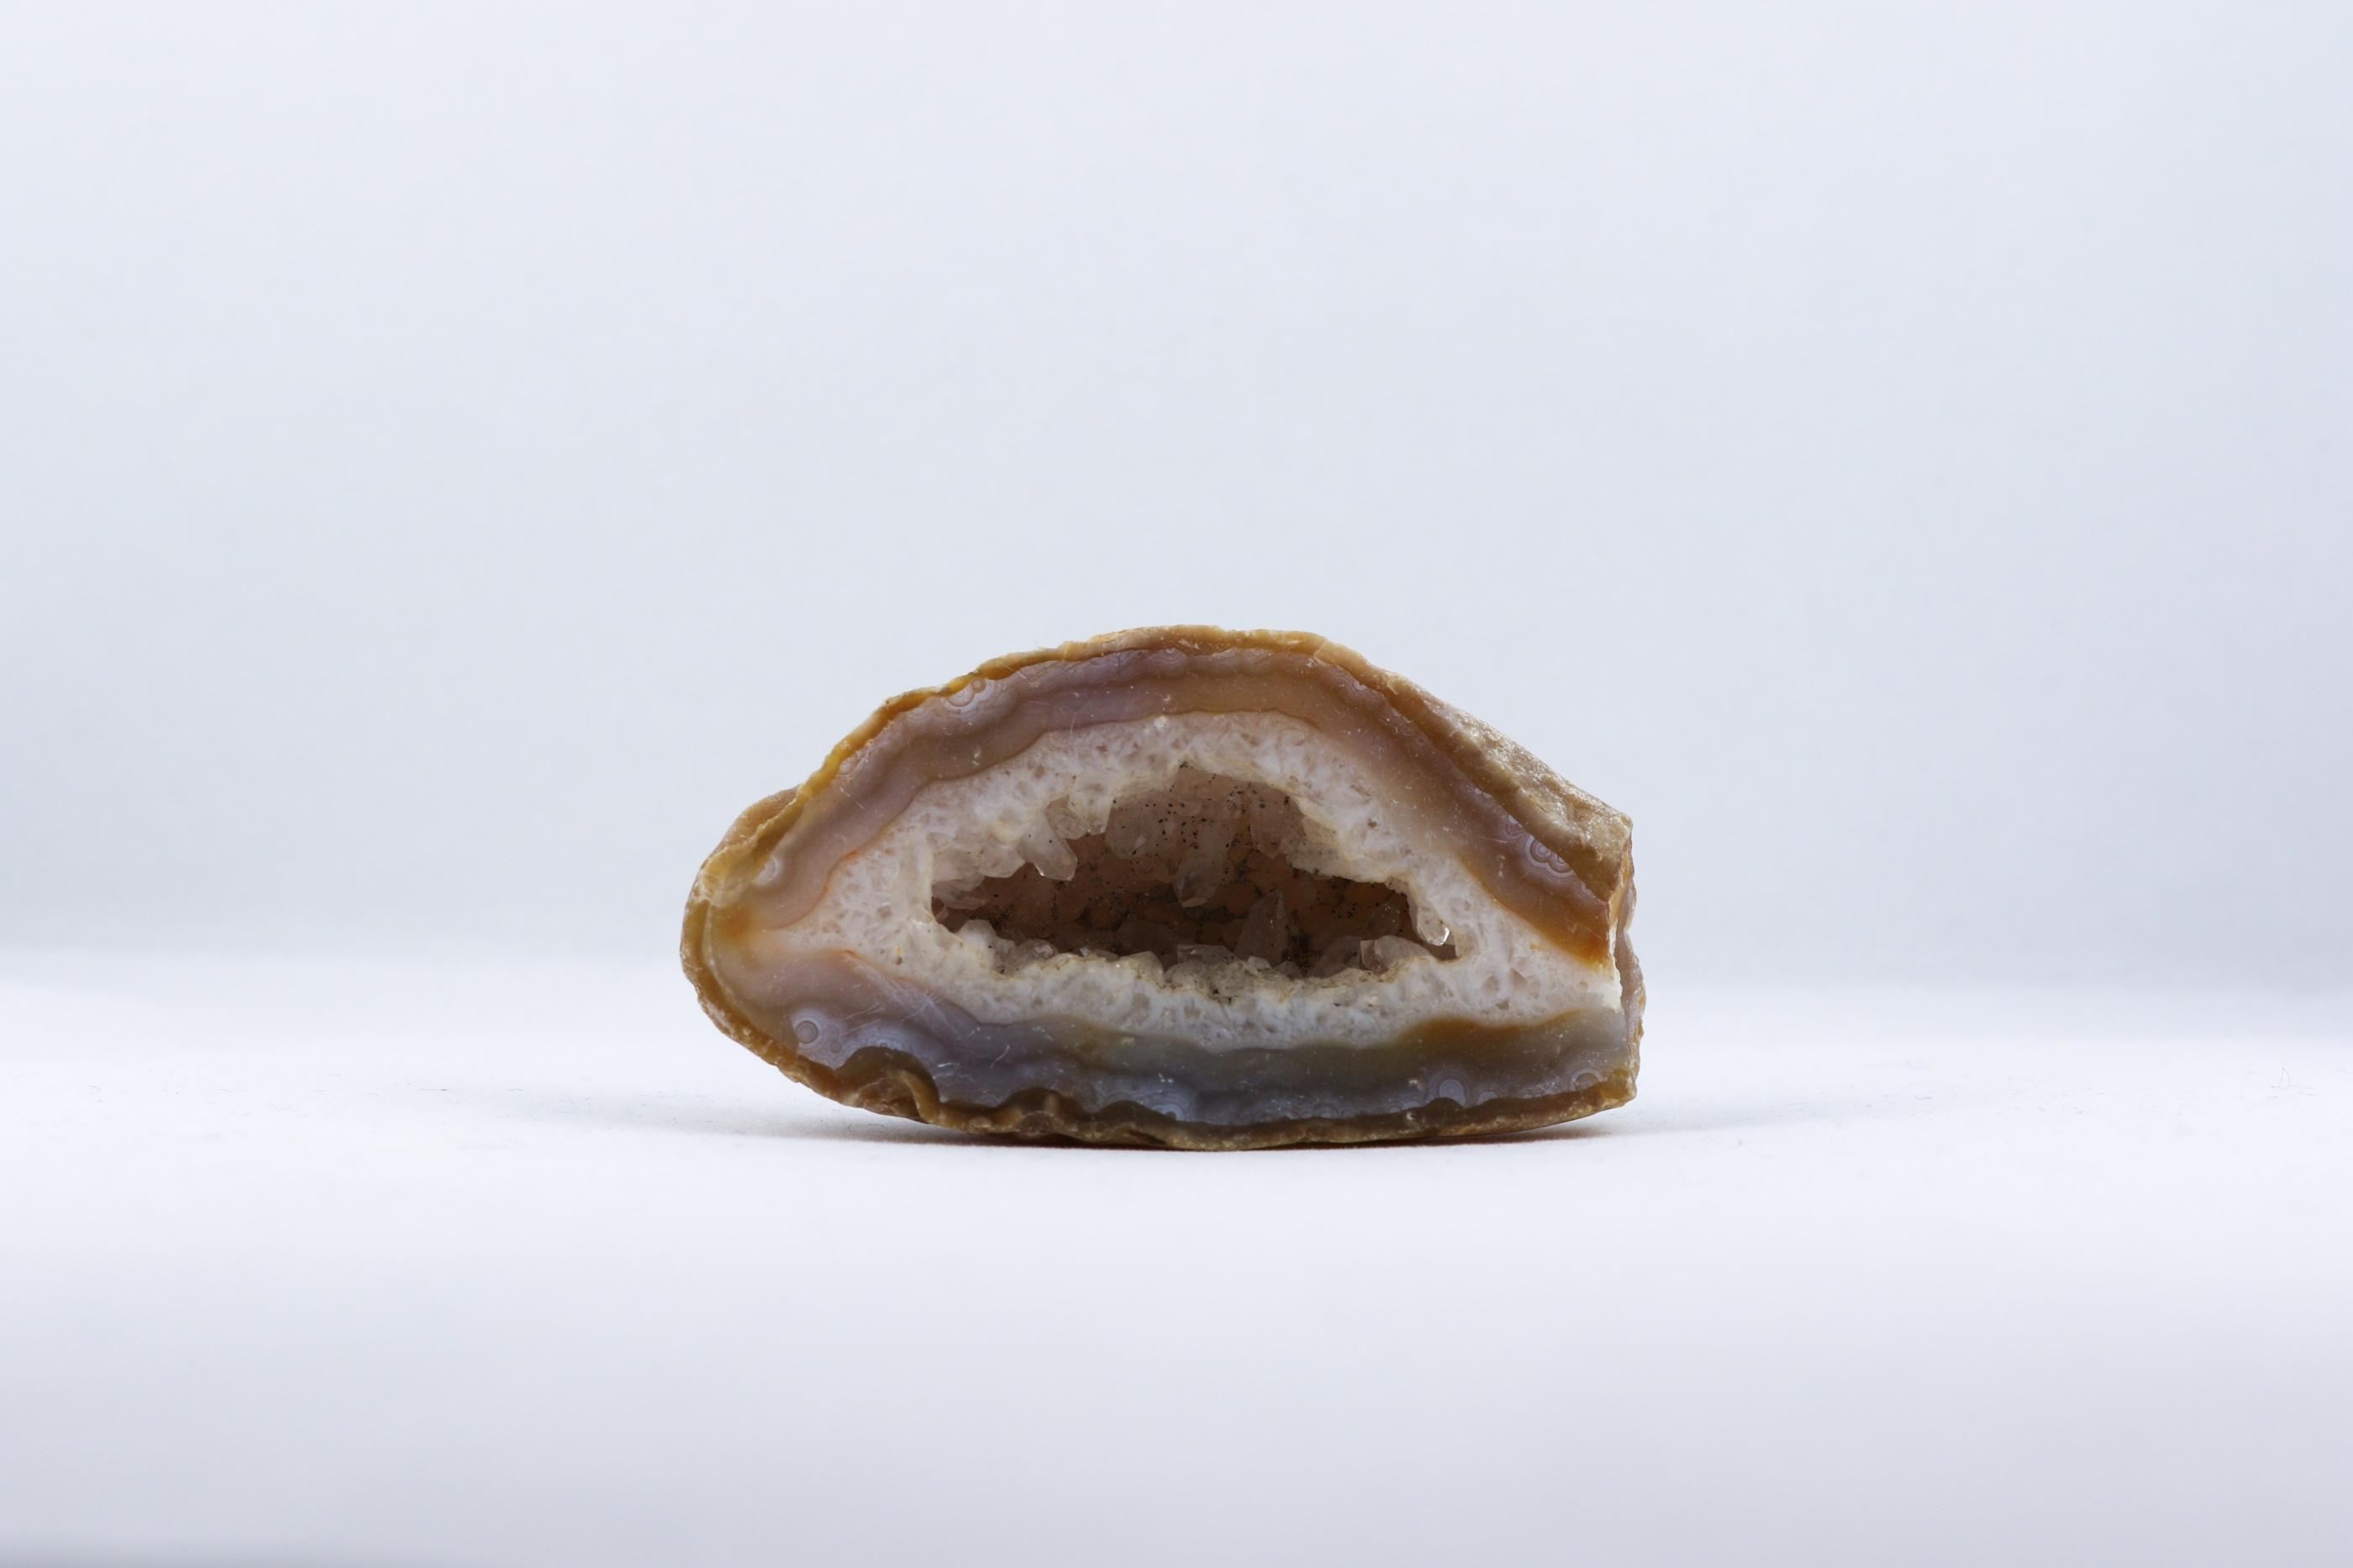 Agatgrottor trumlade spets stav kristaller slipade stenar healing stenar chakra stenar Wellness Ayurveda Halmstadmassören Halmstad Sverige Sweden svensk